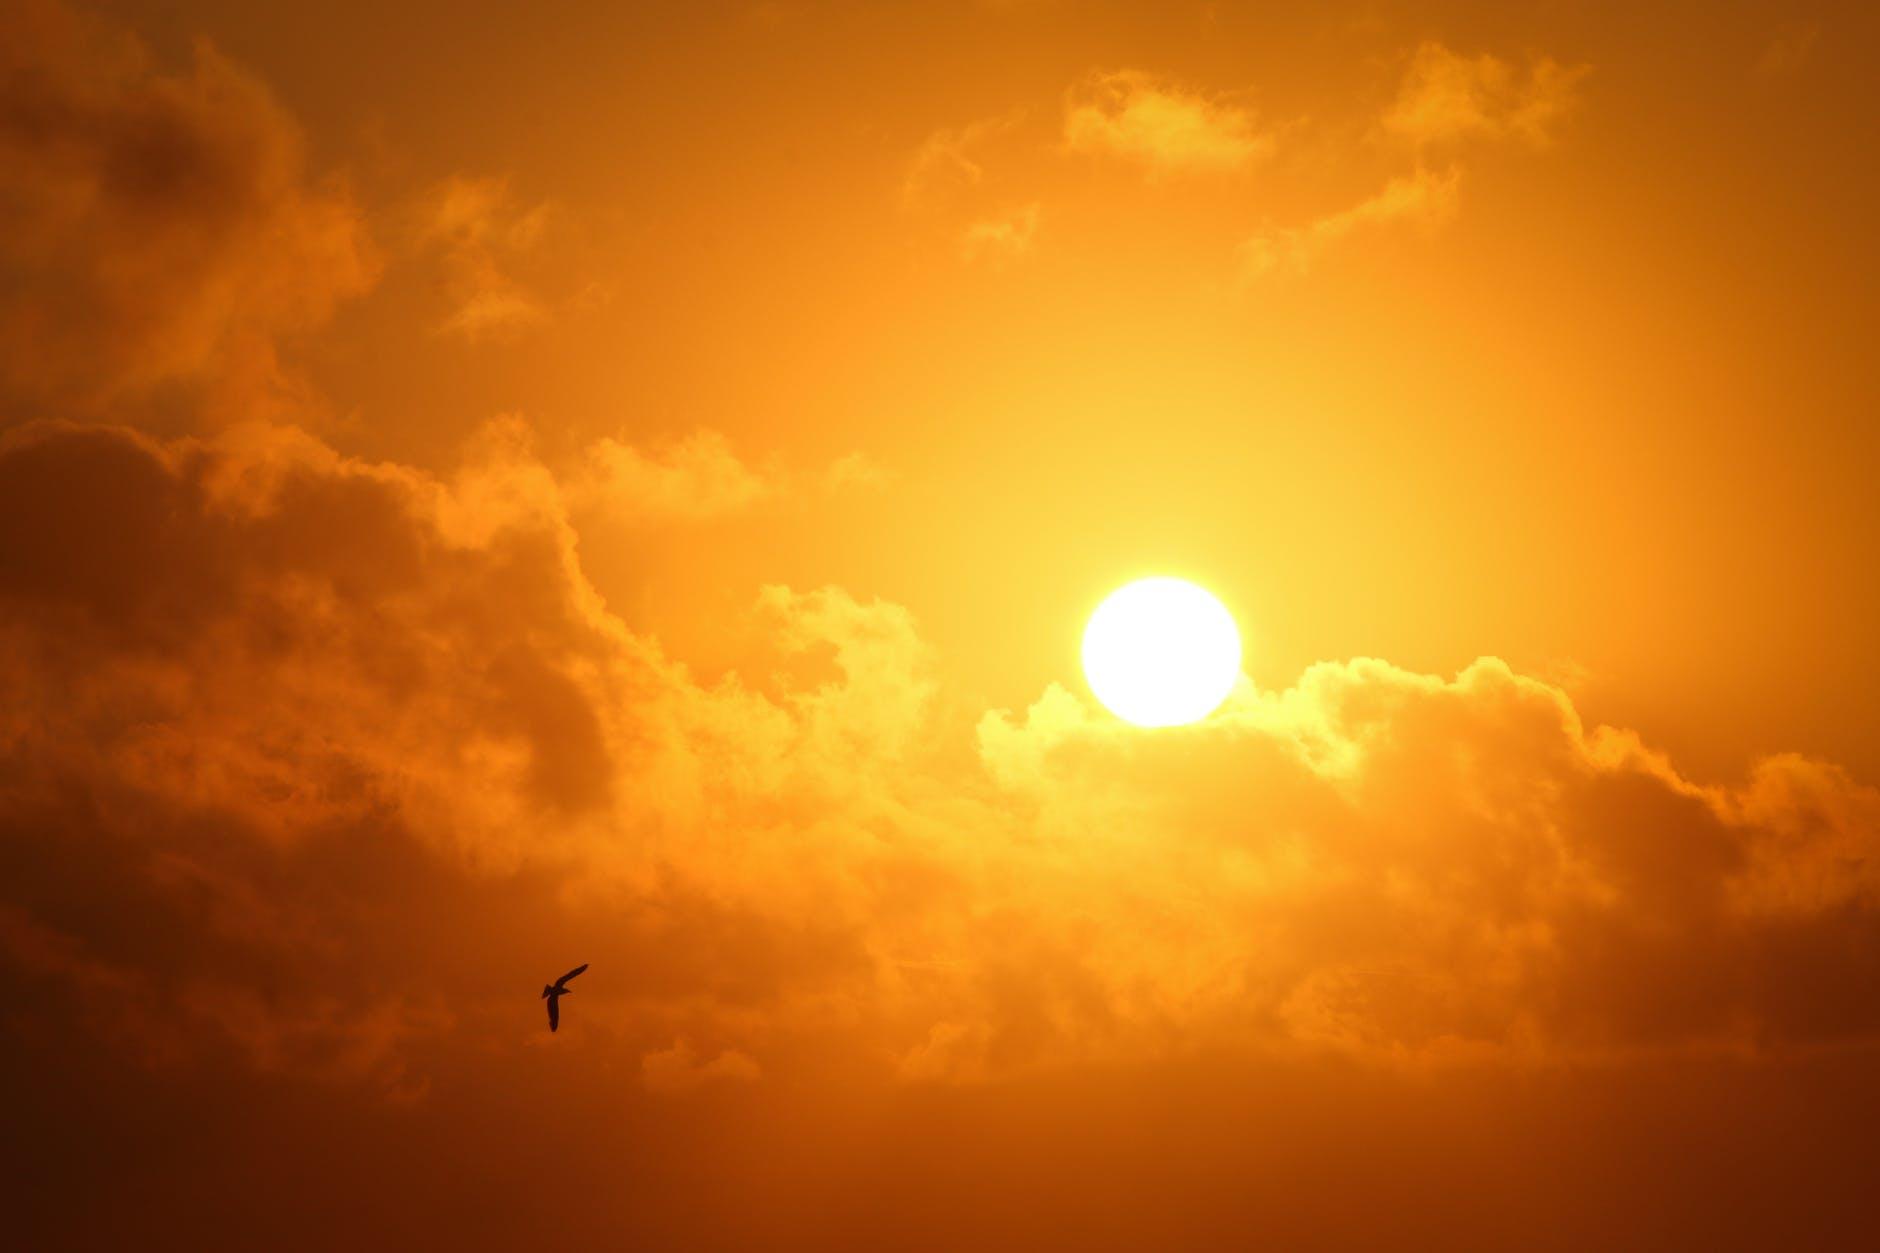 Je slnko zdrojom energie budúcnosti?